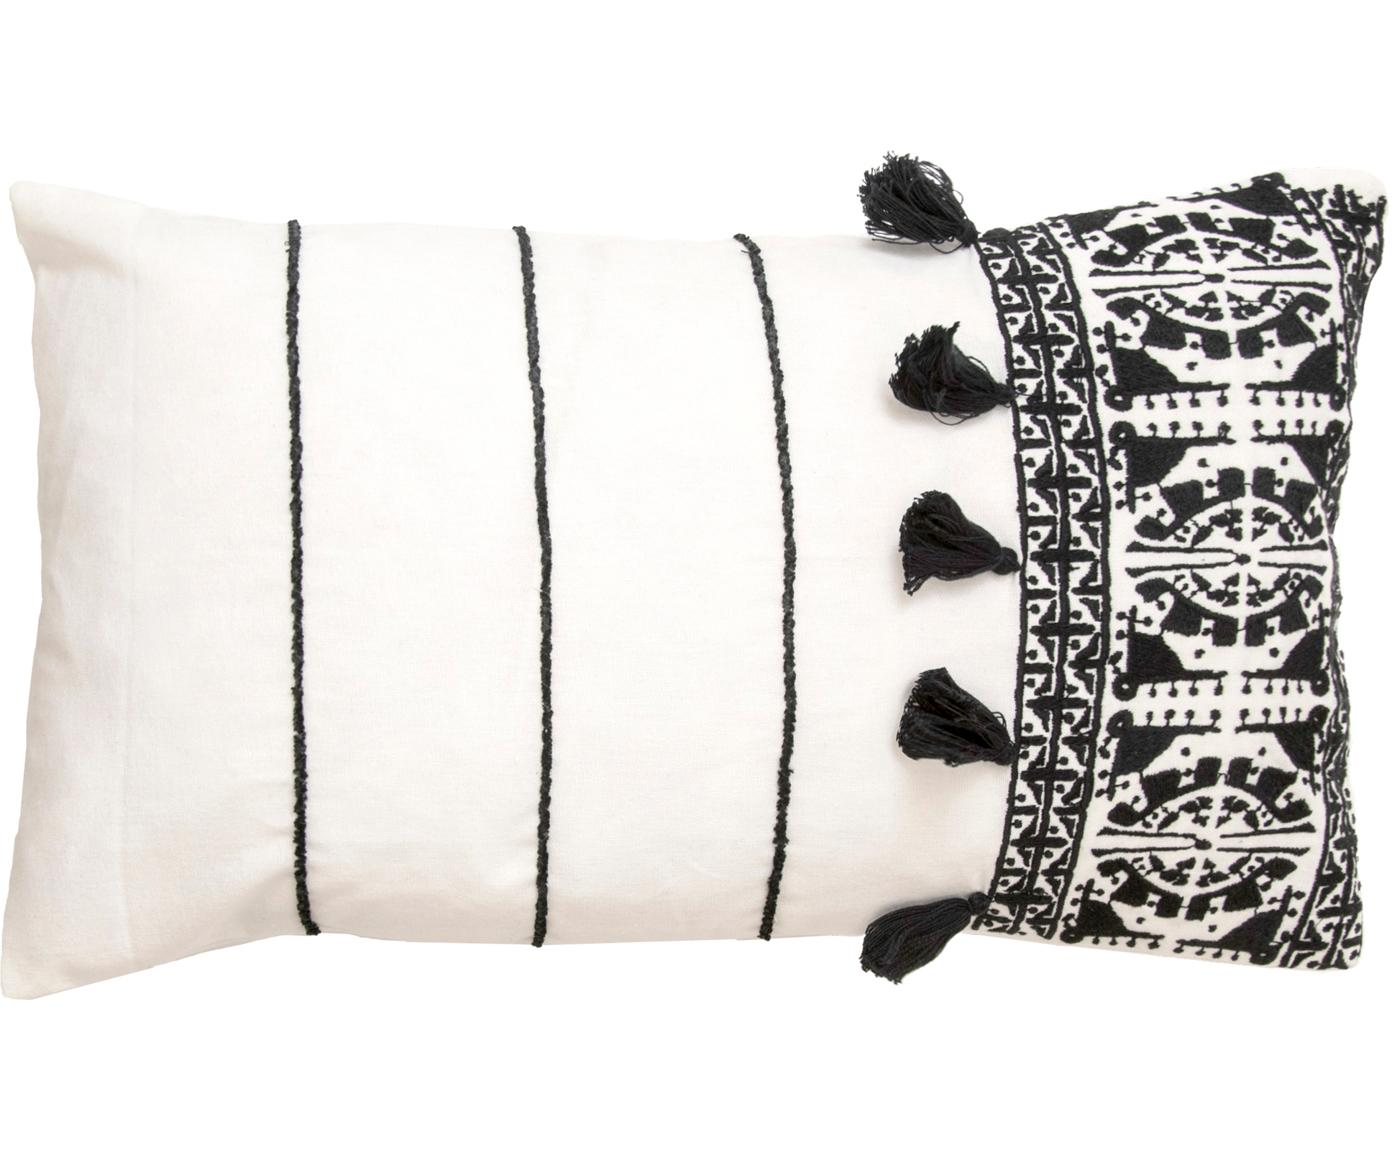 Kussenhoes Neo Berbère met borduurwerk en kwastjes, Katoen, Wit, zwart, 30 x 50 cm